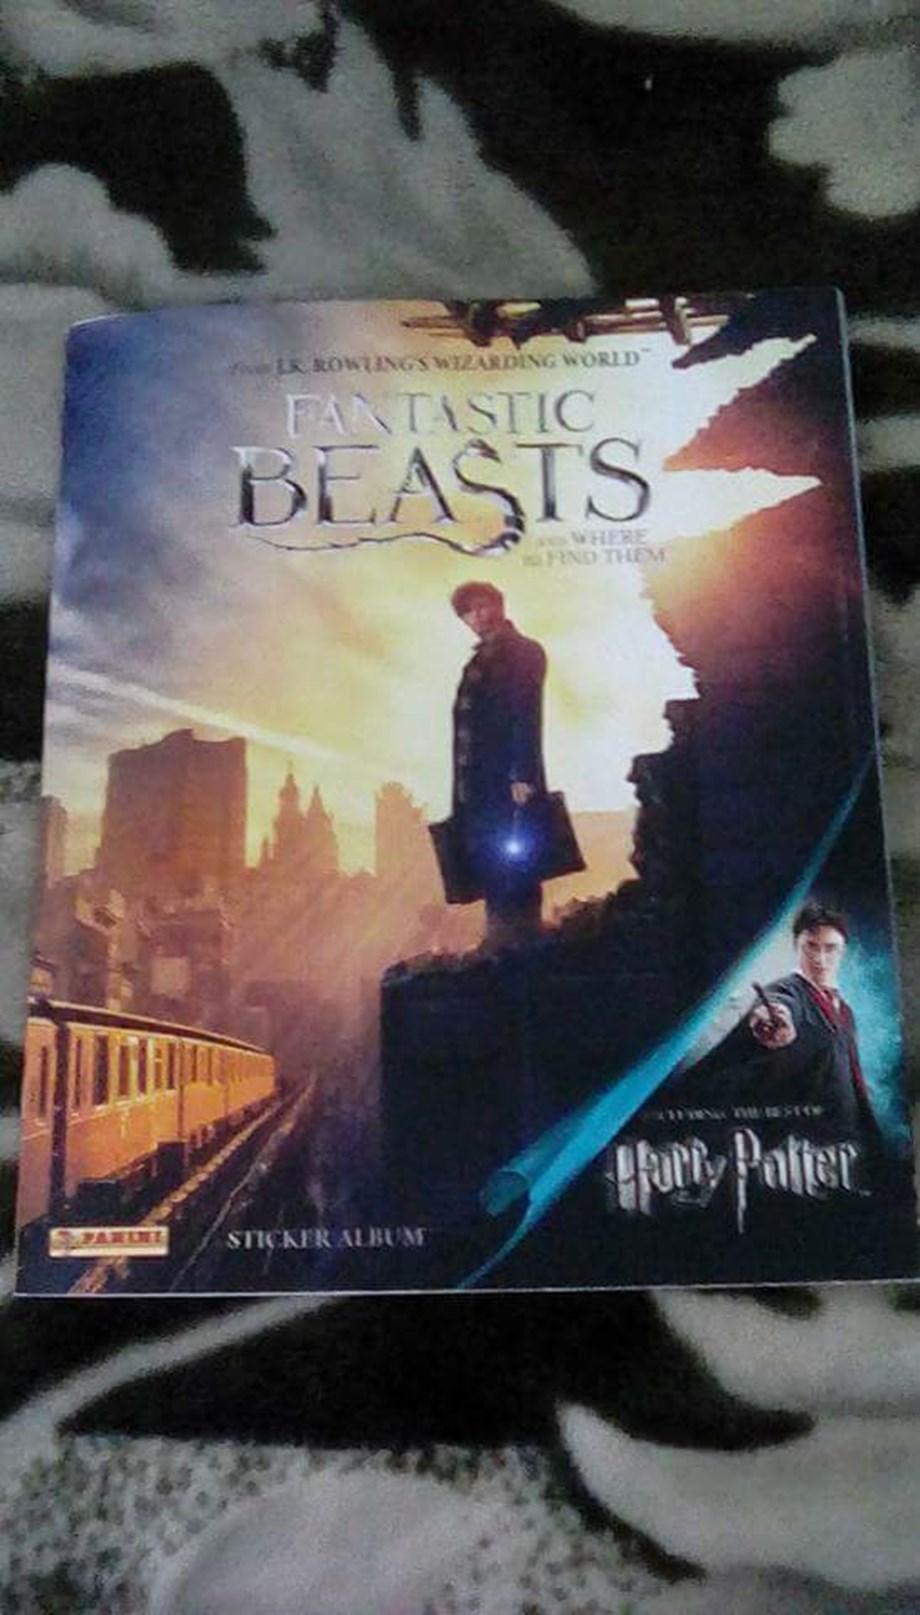 Eddie Redmayne describes 'Fantastic Beasts' sequel 'darker'